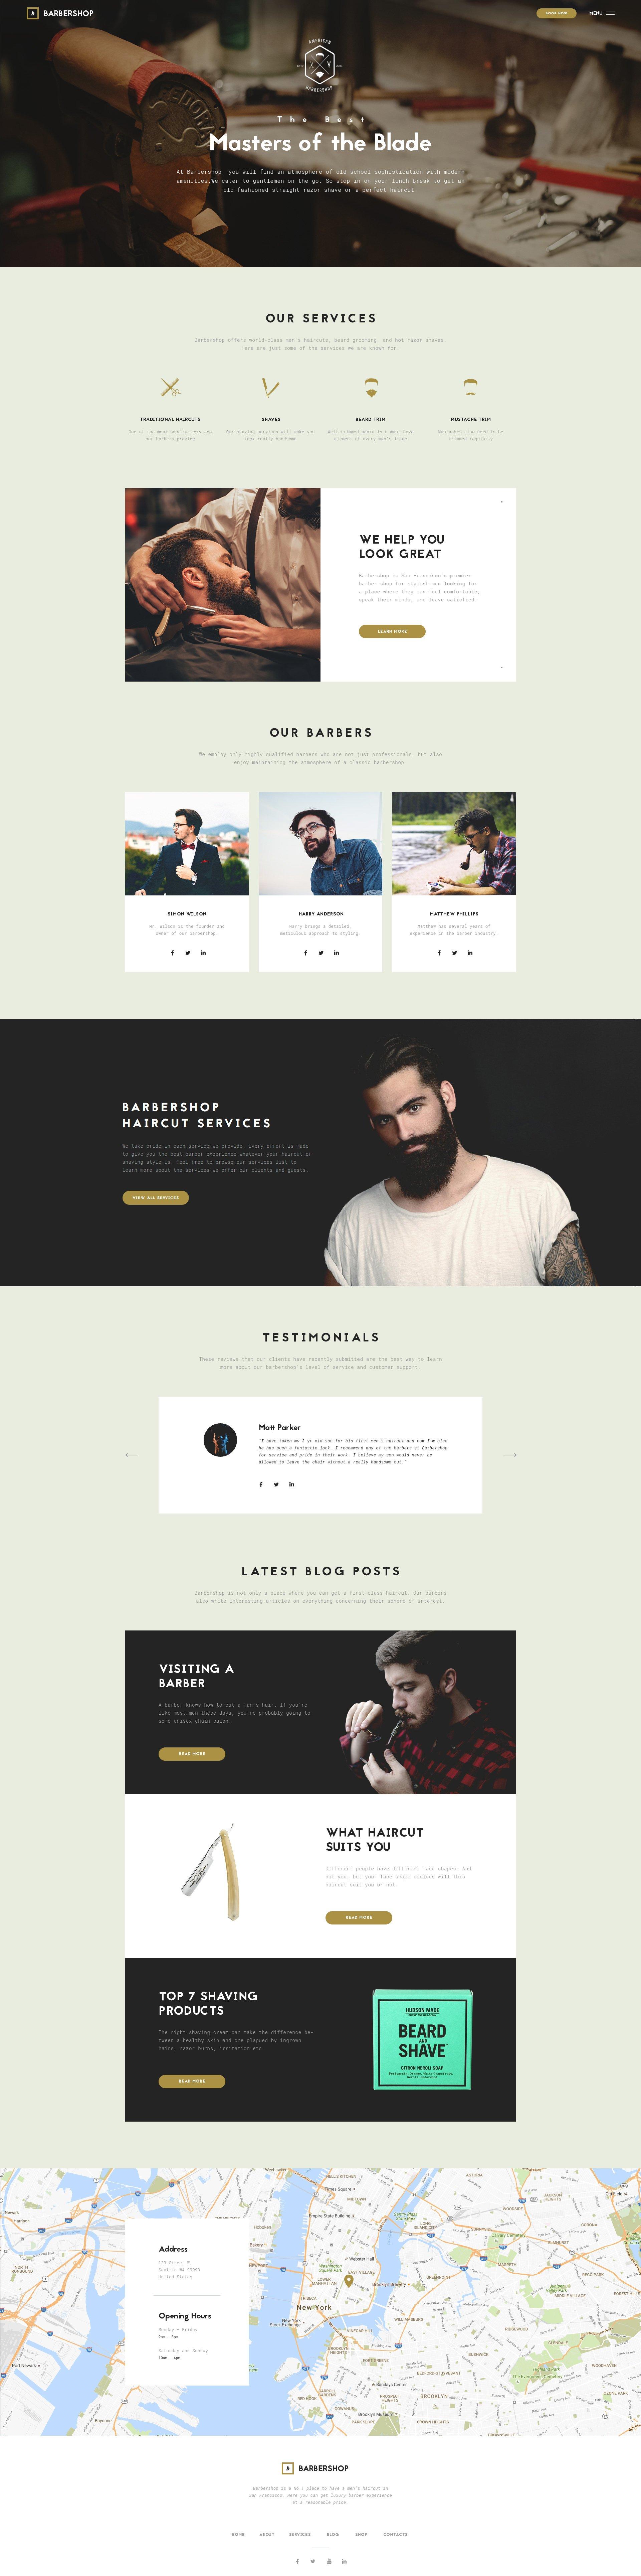 Barbershop - Hair Care & Hair Styling Website Template